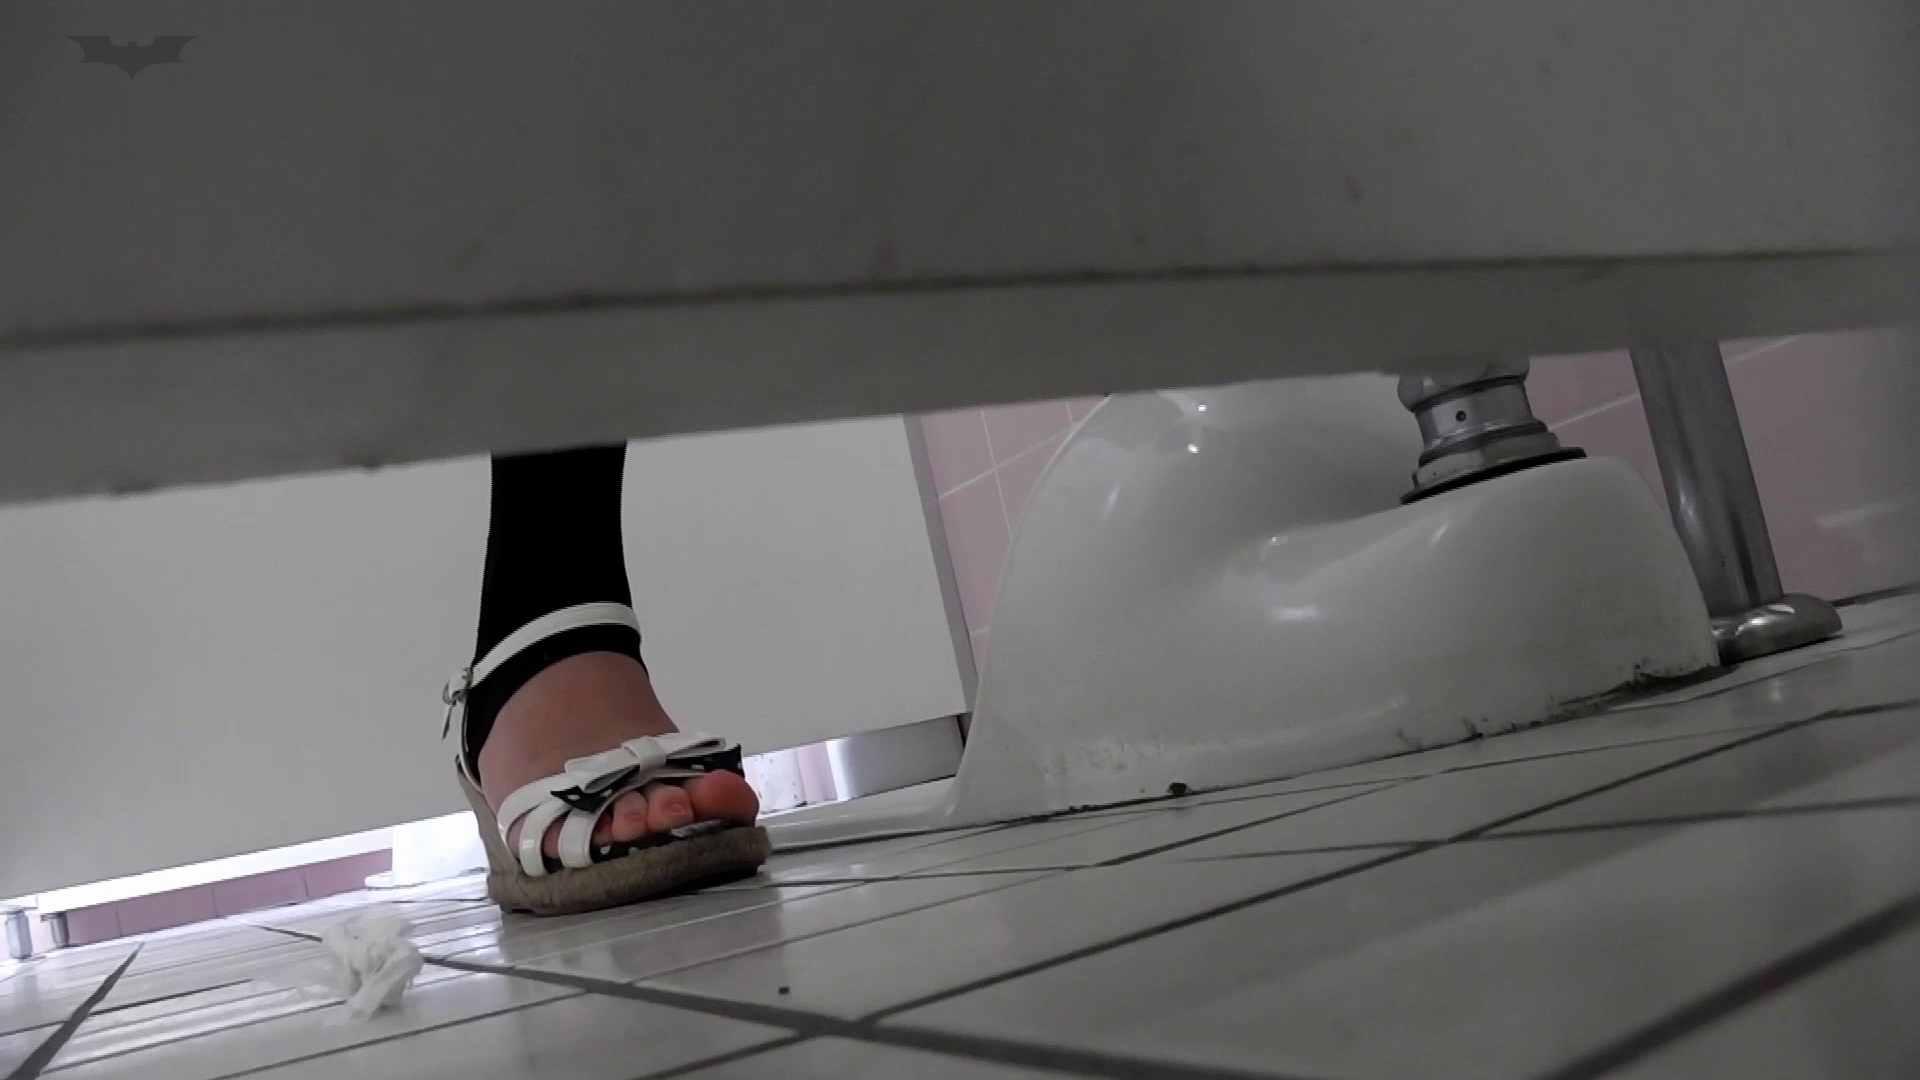 エロ動画:美しい日本の未来 No.22 番外編 普段公開しないシーンを詰め合わせ:怪盗ジョーカー